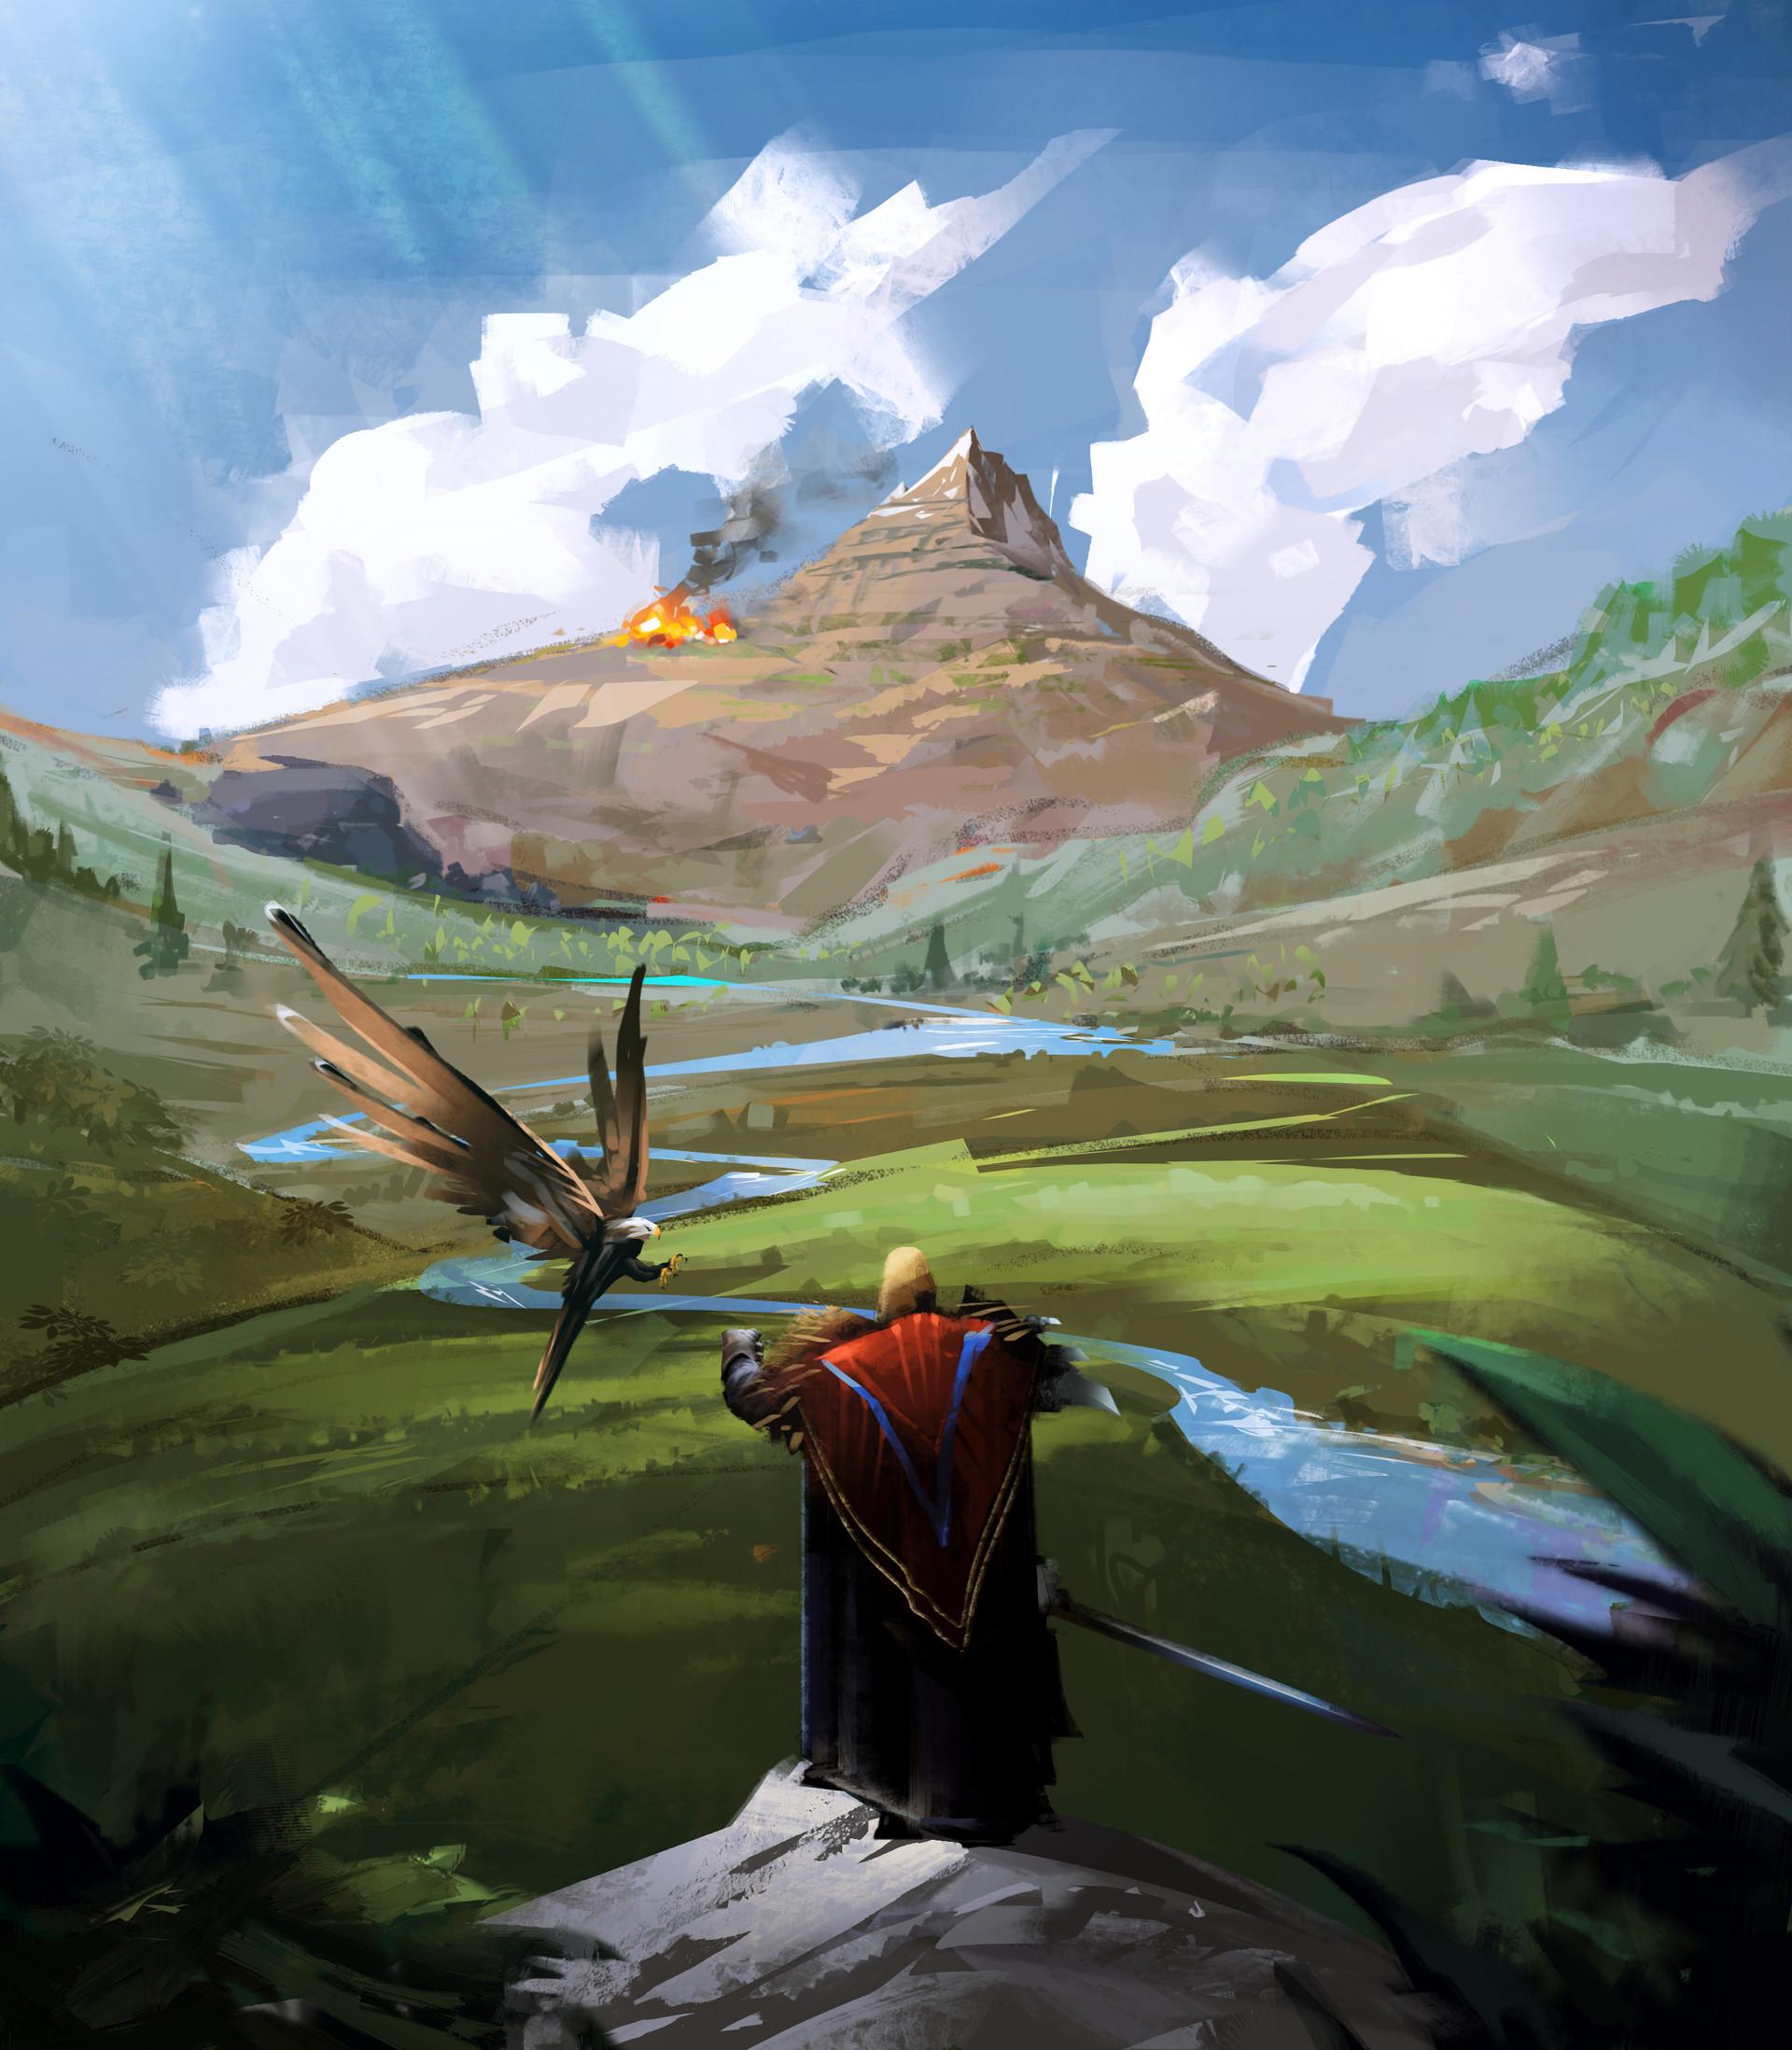 Environment Mountain Concept Art